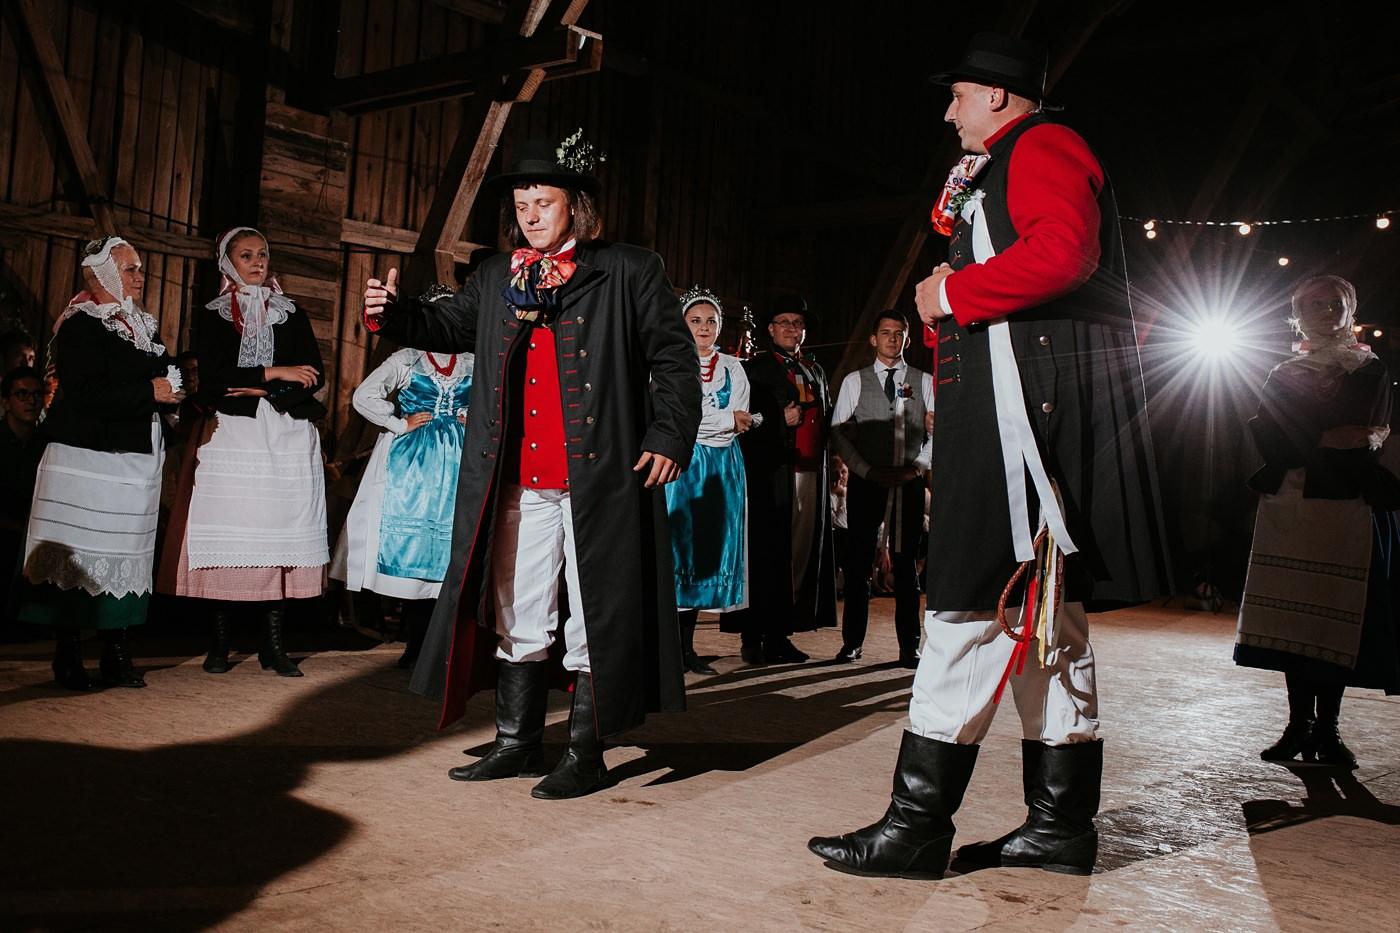 Dominika & Aleksander - Rustykalne wesele w stodole - Baborówko 134